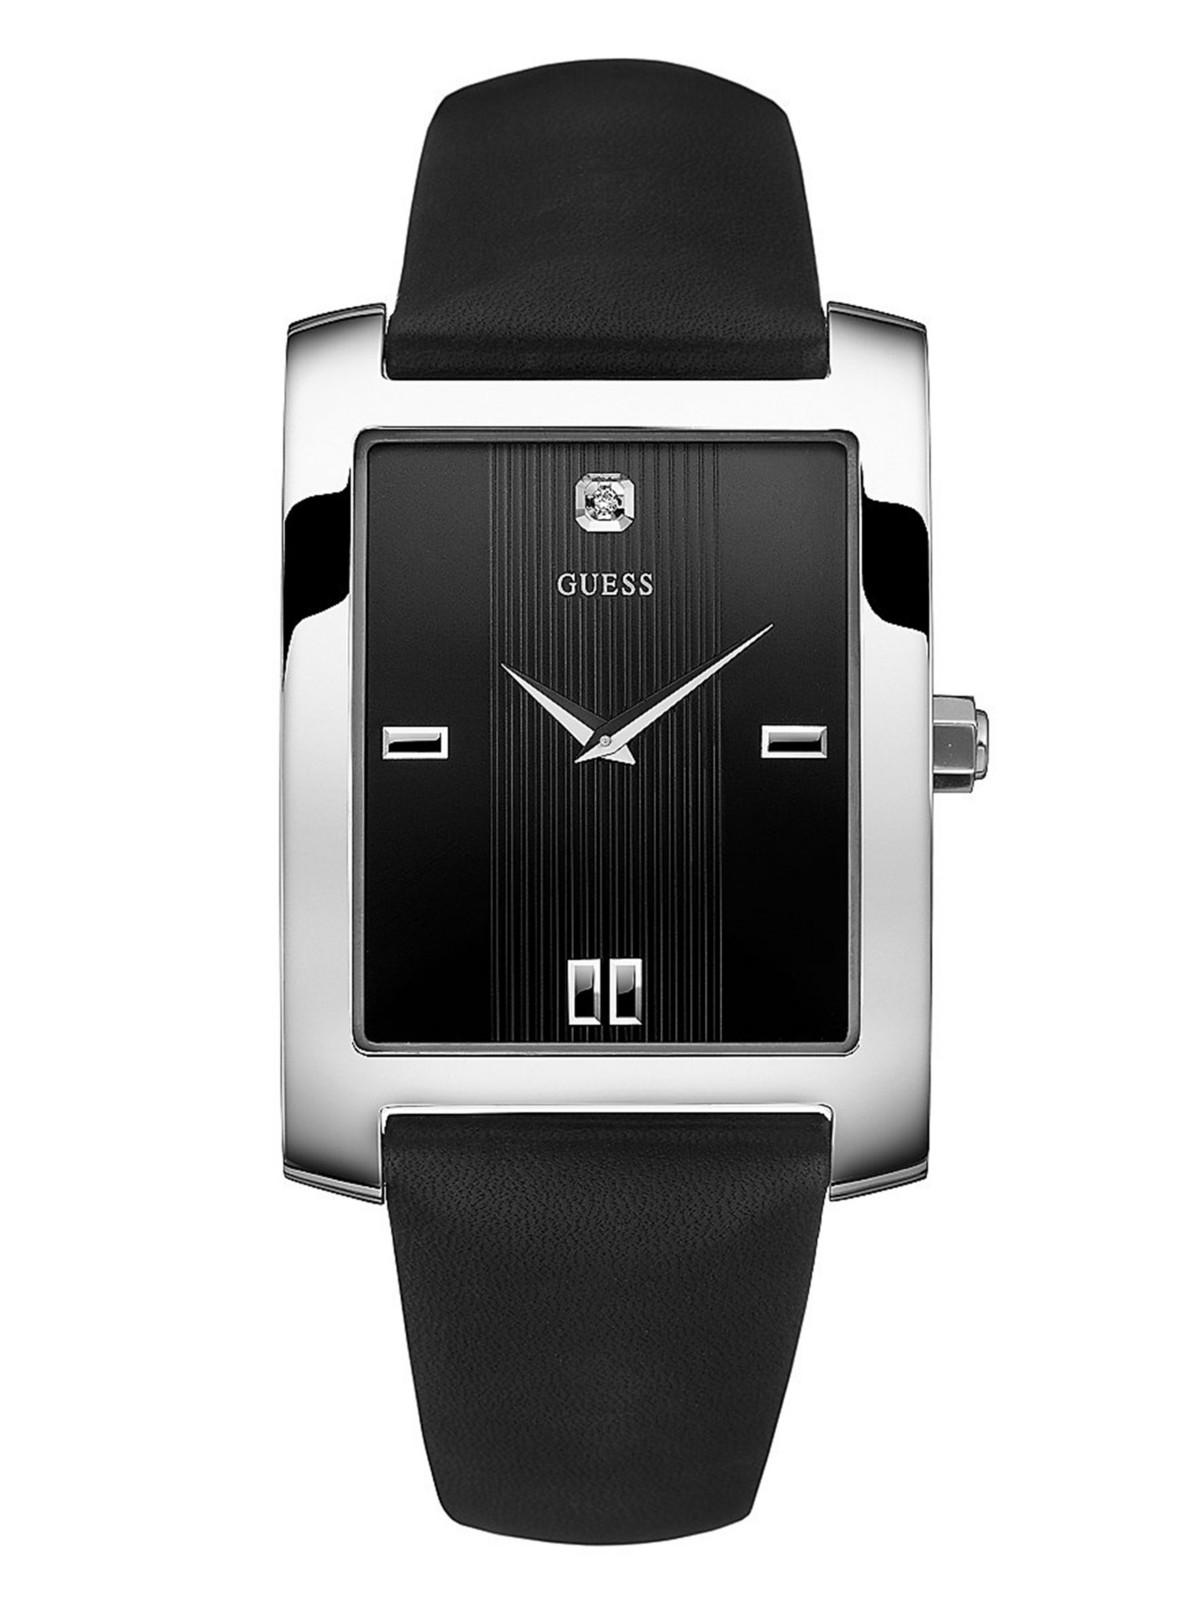 GUESS-Men-39-s-Dress-Watch